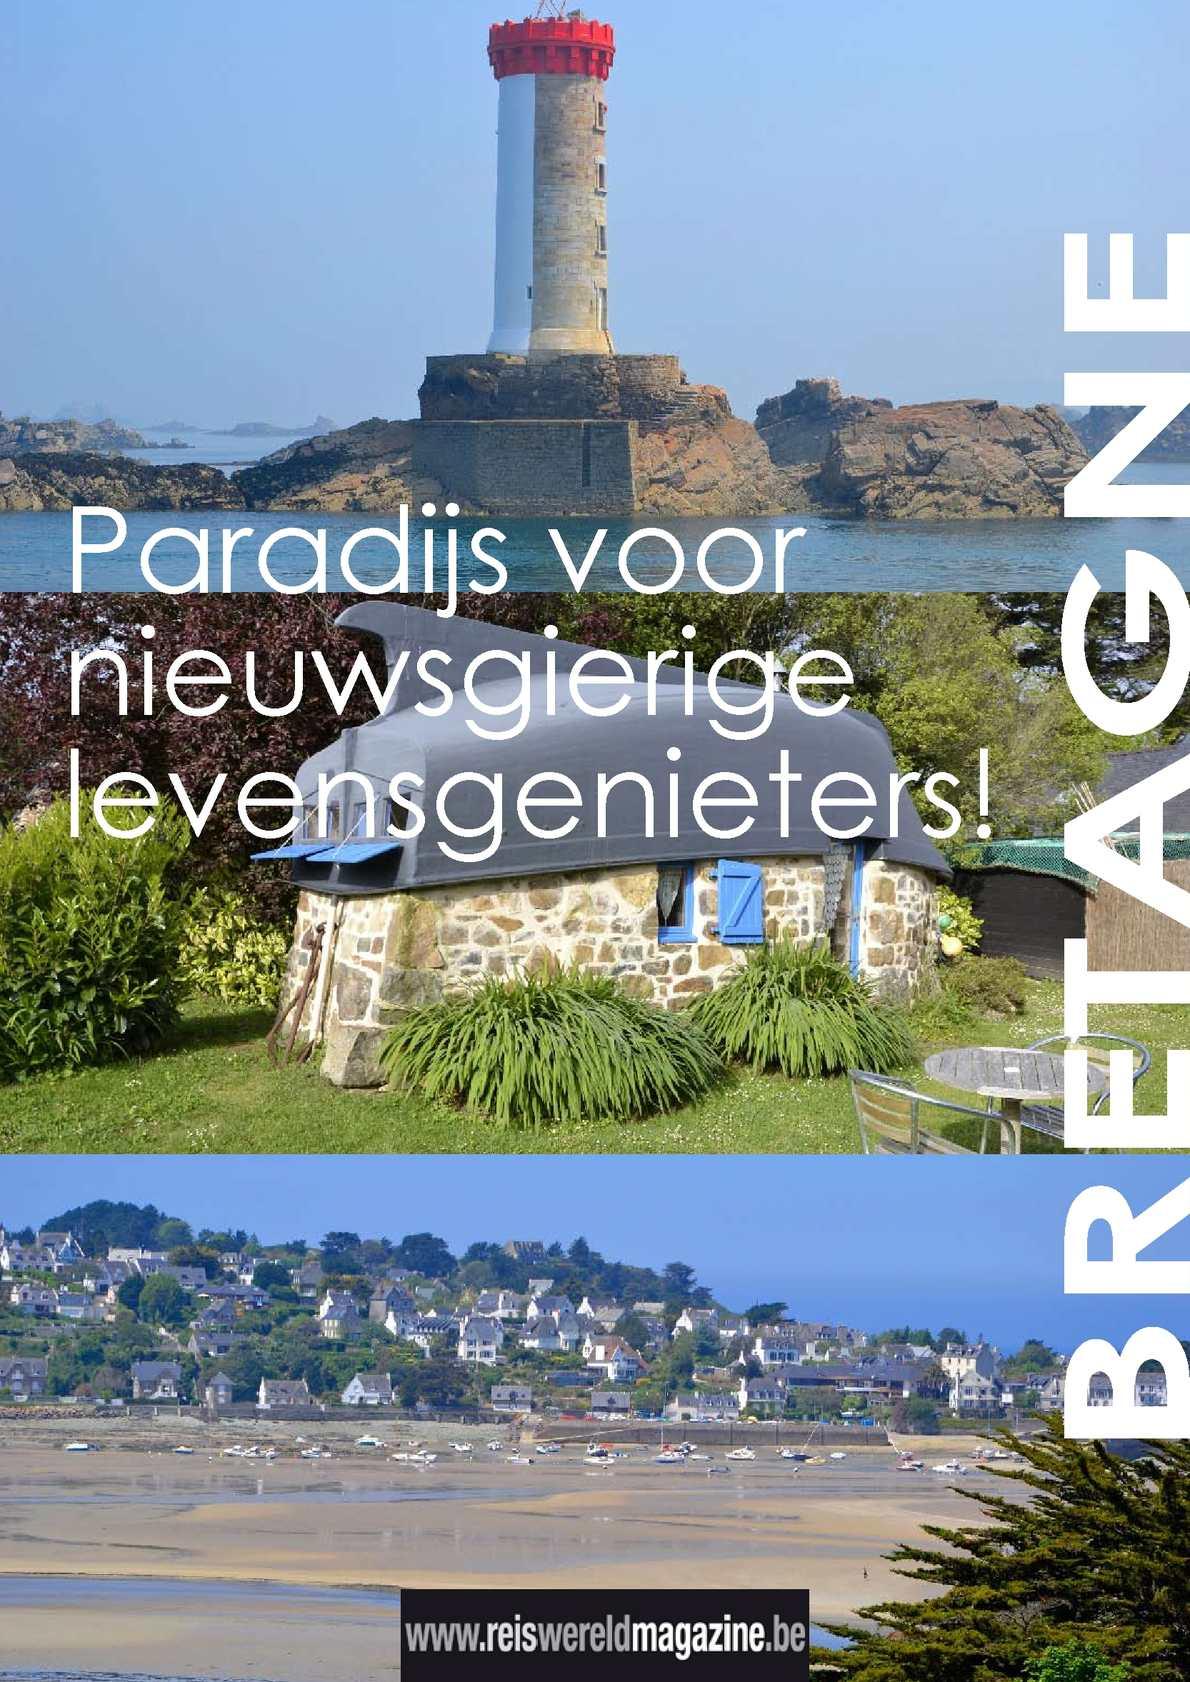 Bretagne: Paradijs voor nieuwsgierige levensgenieters!